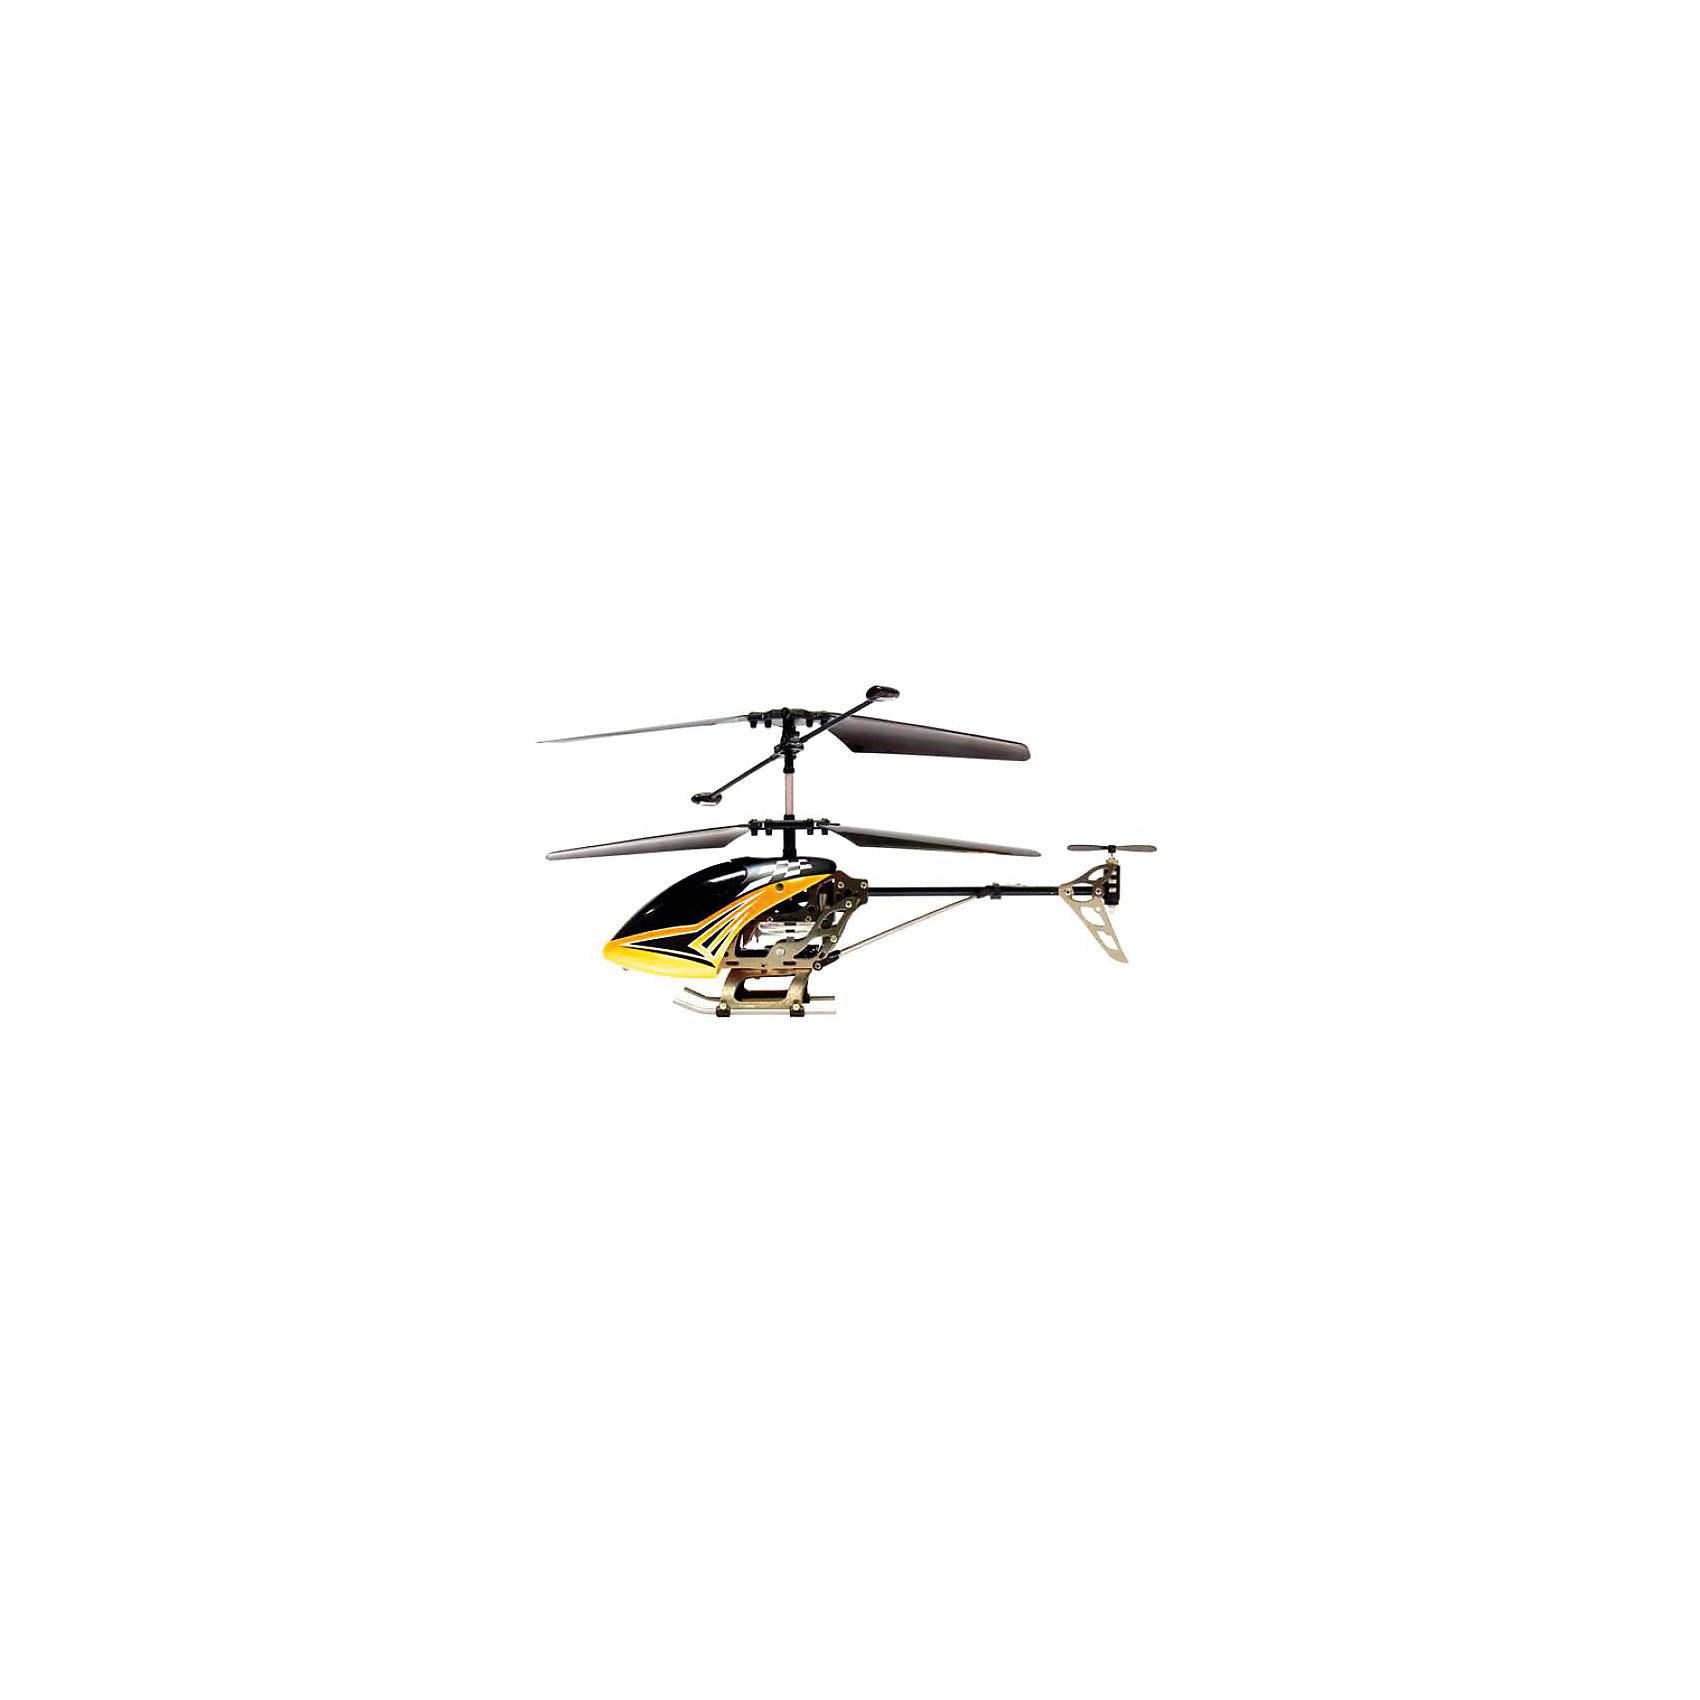 Вертолет Скай Драгон на р/у, жёлтый, SilverlitРадиоуправляемый транспорт<br>Характеристики товара:<br><br>- цвет: жёлтый;<br>- материал: пластик;<br>- габариты упаковки: 9х33х30 см;<br>- комплектация: вертолет, пульт радиуправления;<br>- контроль скорости;<br>- светодиодные огни;<br>- длина вертолета: 19 см; <br>- время зарядки: до 30 минут;<br>- продолжительность работы: до 10 минут;<br>- радиус дествия пульта: до 10 м.<br><br>Вертолеты на пультах управления - безусловные фавориты среди детских игрушек для мальчиков.Такой вертолет – желанный подарок для всех ребят. Игрушка движется с помощью пульта радиоуправления. Заряжается быстро! Он очень похож на настоящй и прекрасно детализирован! Материалы, использованные при создании изготовлении изделия, полностью безопасны и отвечают всем международным требованиям по качеству детских товаров.<br><br>Вертолет Скай Драгон на р/у, жёлтый, от бренда Silverlit можно купить в нашем интернет-магазине.<br><br>Ширина мм: 89<br>Глубина мм: 330<br>Высота мм: 299<br>Вес г: 670<br>Возраст от месяцев: 36<br>Возраст до месяцев: 2147483647<br>Пол: Мужской<br>Возраст: Детский<br>SKU: 5156837